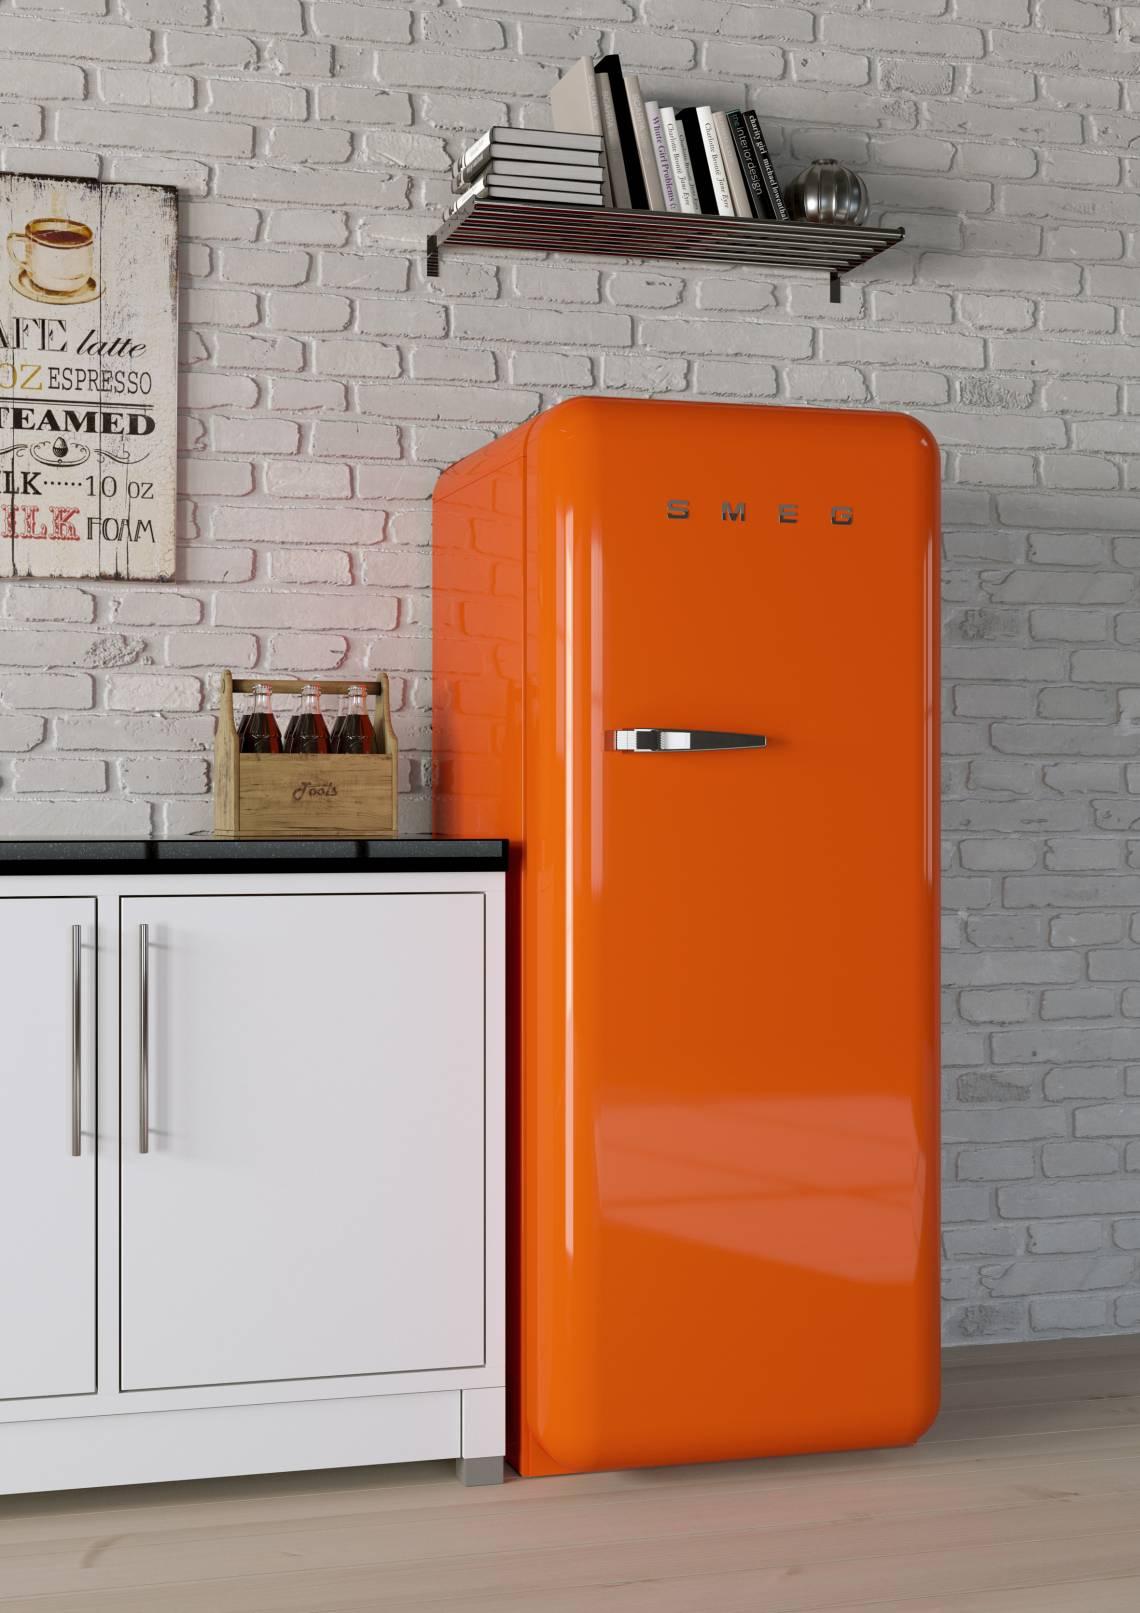 Smeg Kühlschrank Orange Mood | TrendXPRESS